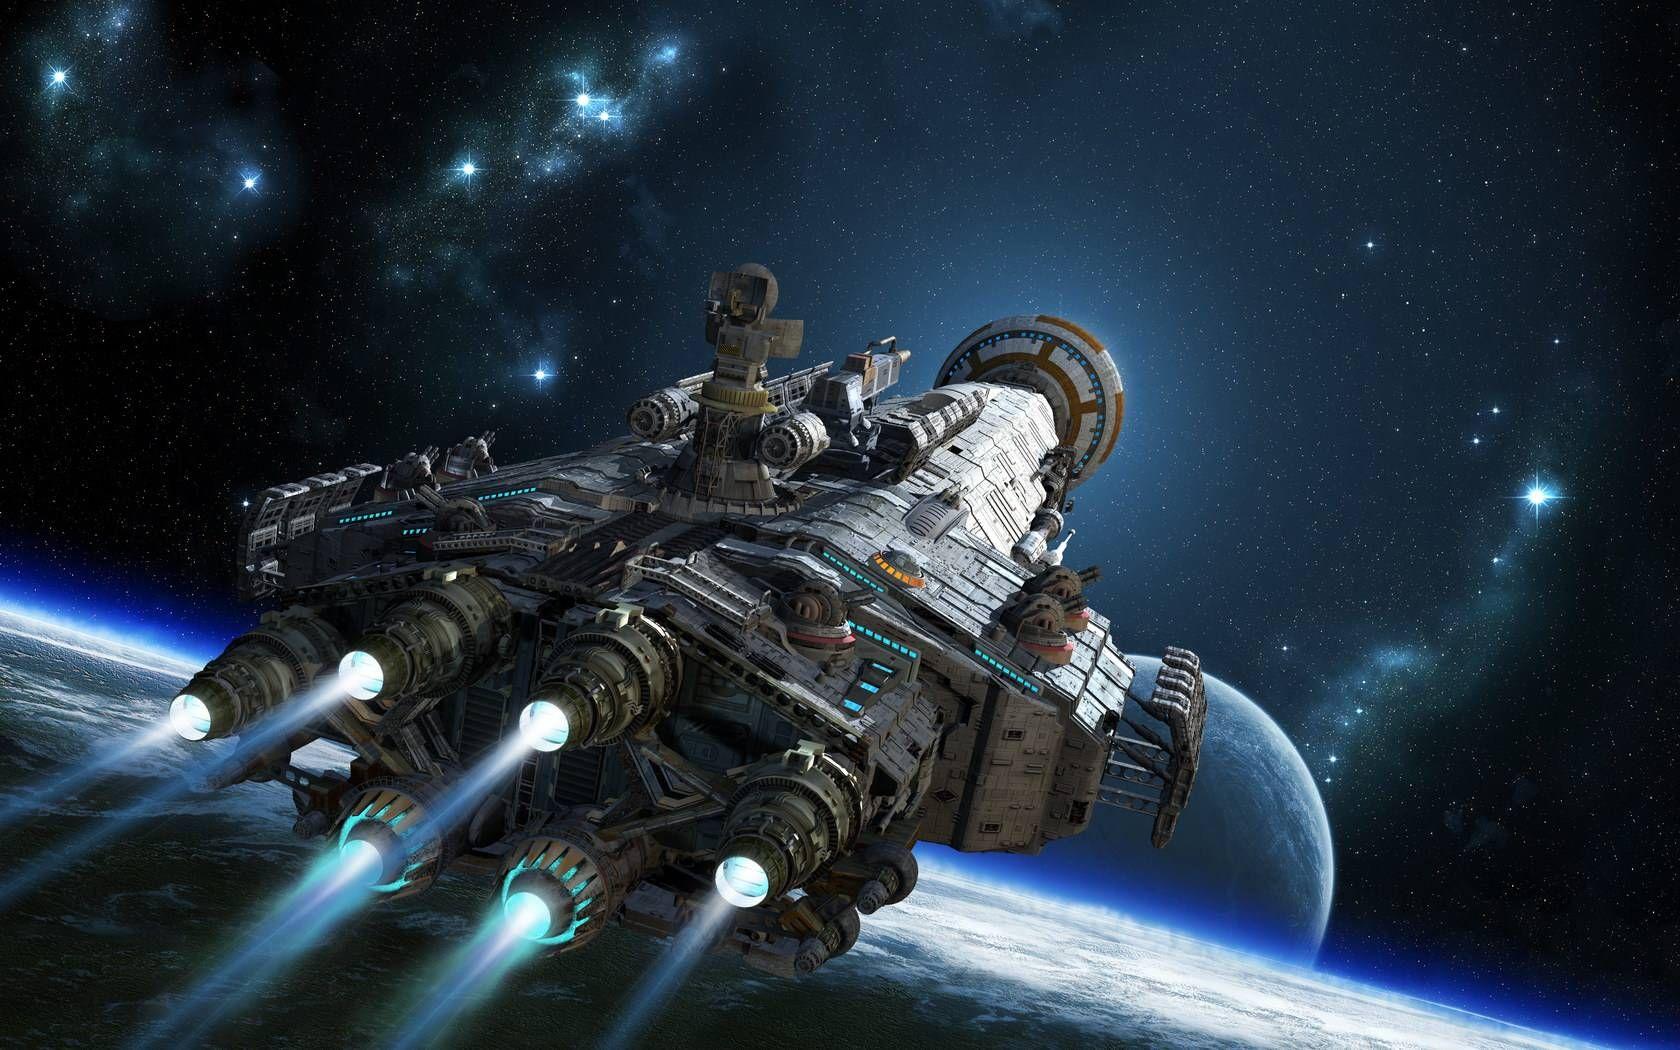 Смотреть фантастические картинки про космос сказать трёх